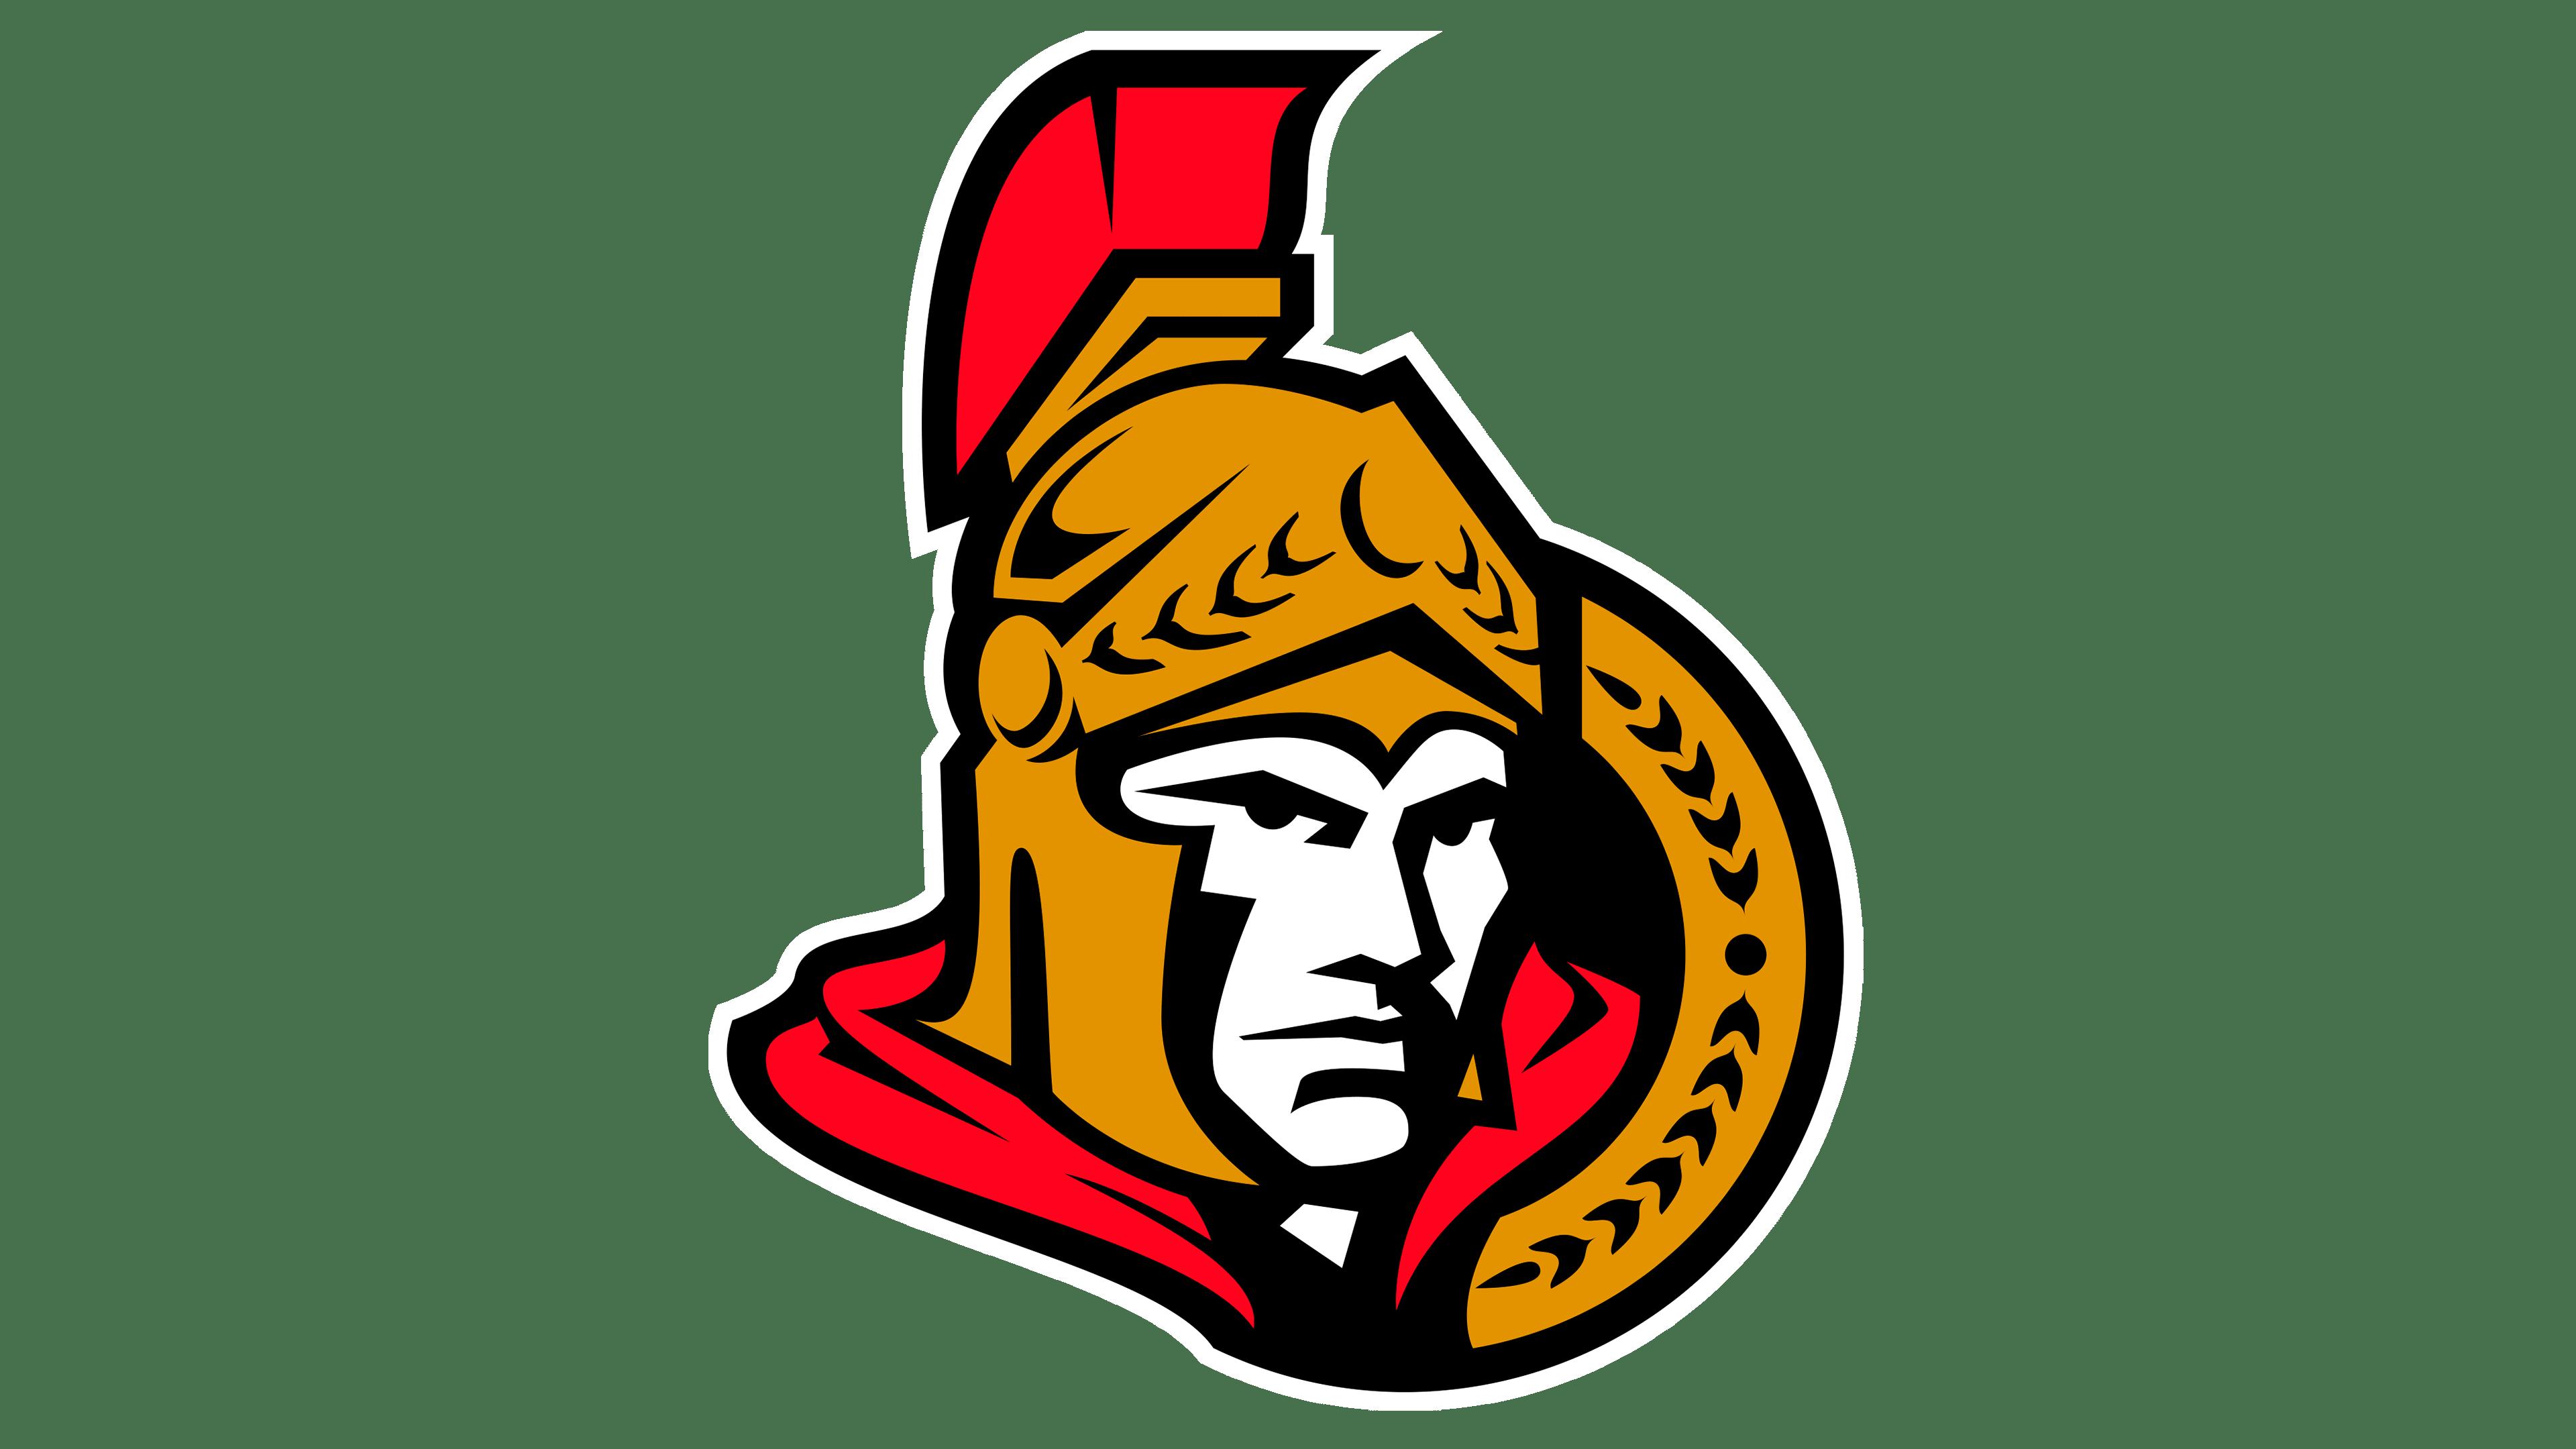 Ottawa-Senators-logo